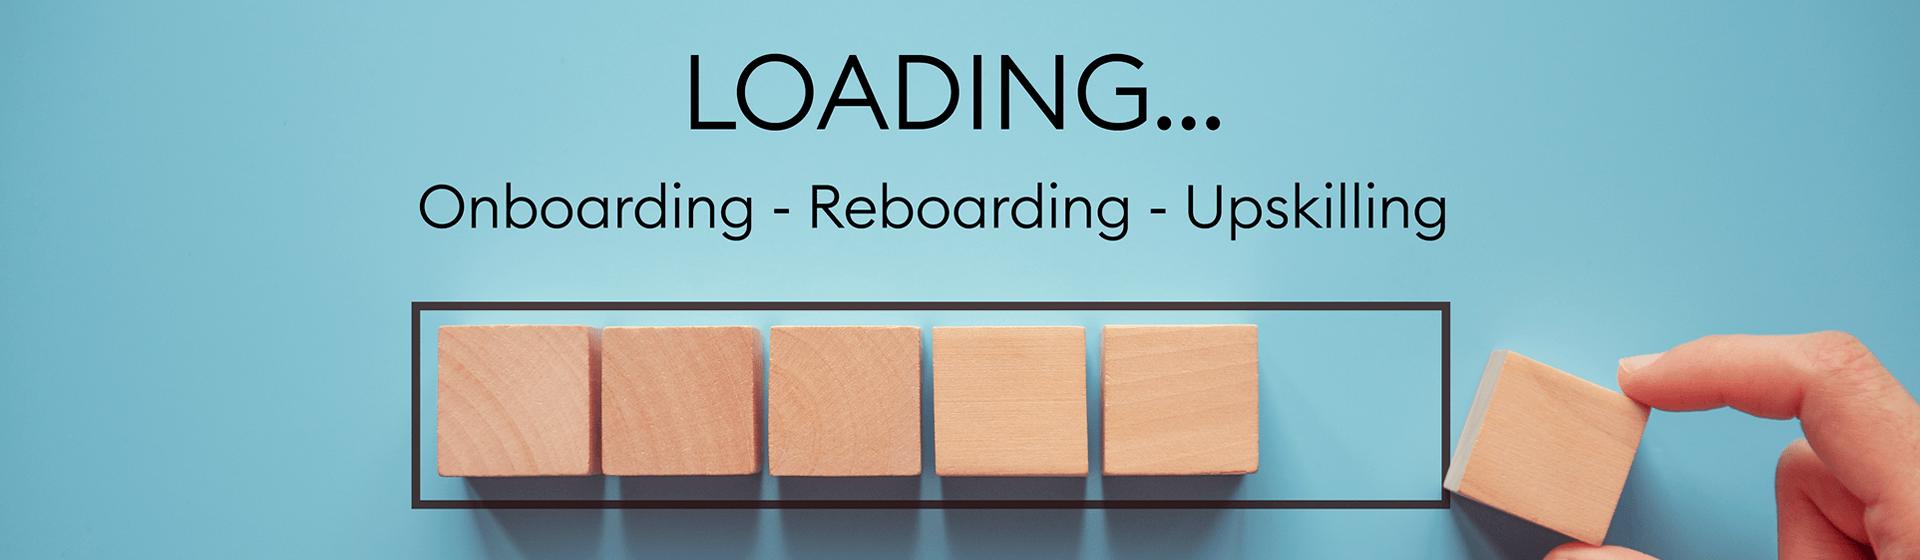 Onboarding, Reboarding or Upskilling?